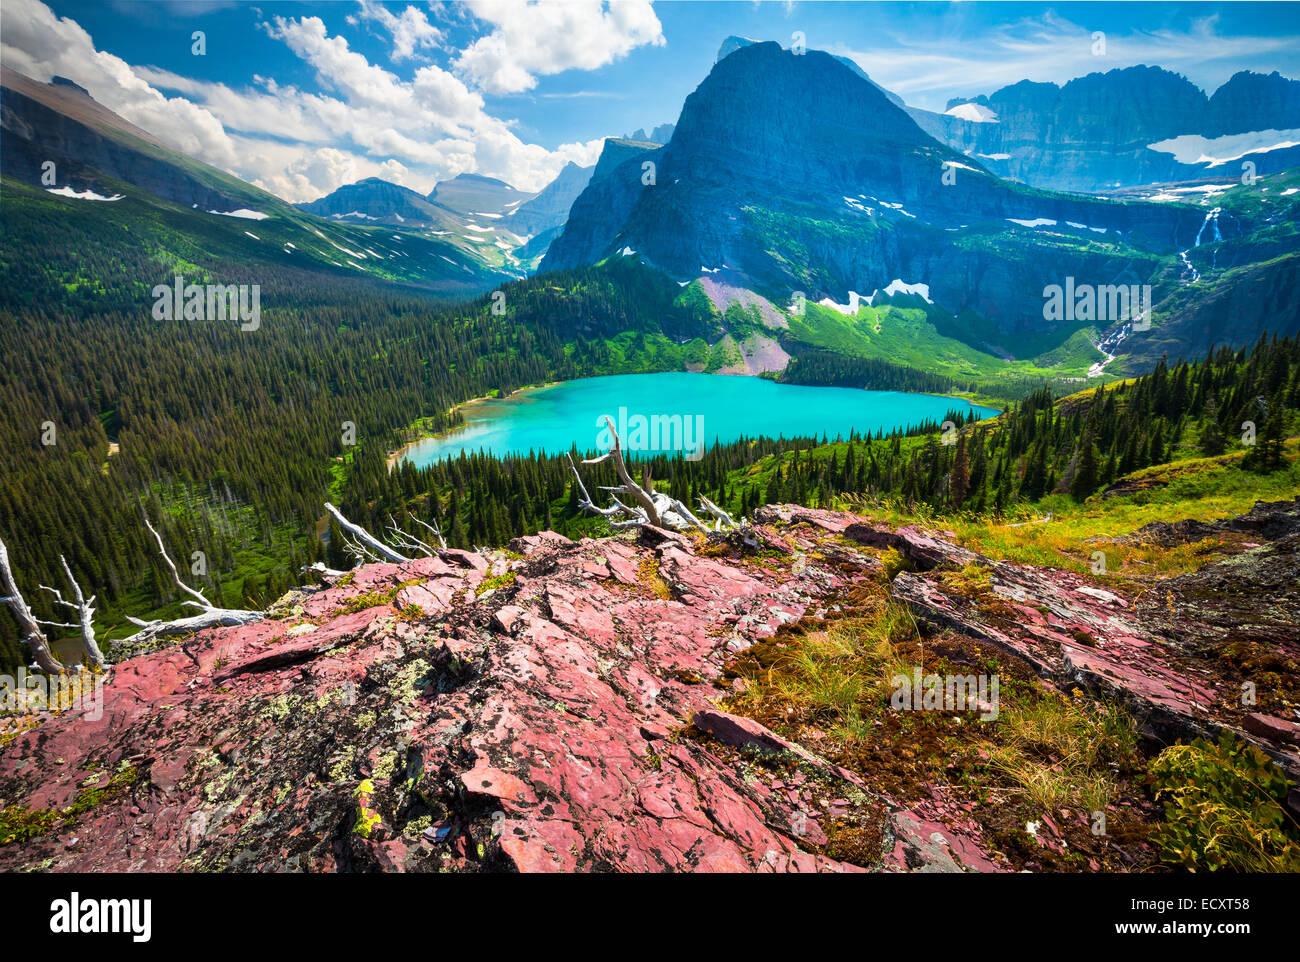 Grinnell Lake está ubicado en el Parque Nacional de Los Glaciares, en la U. S. el estado de Montana. Imagen De Stock